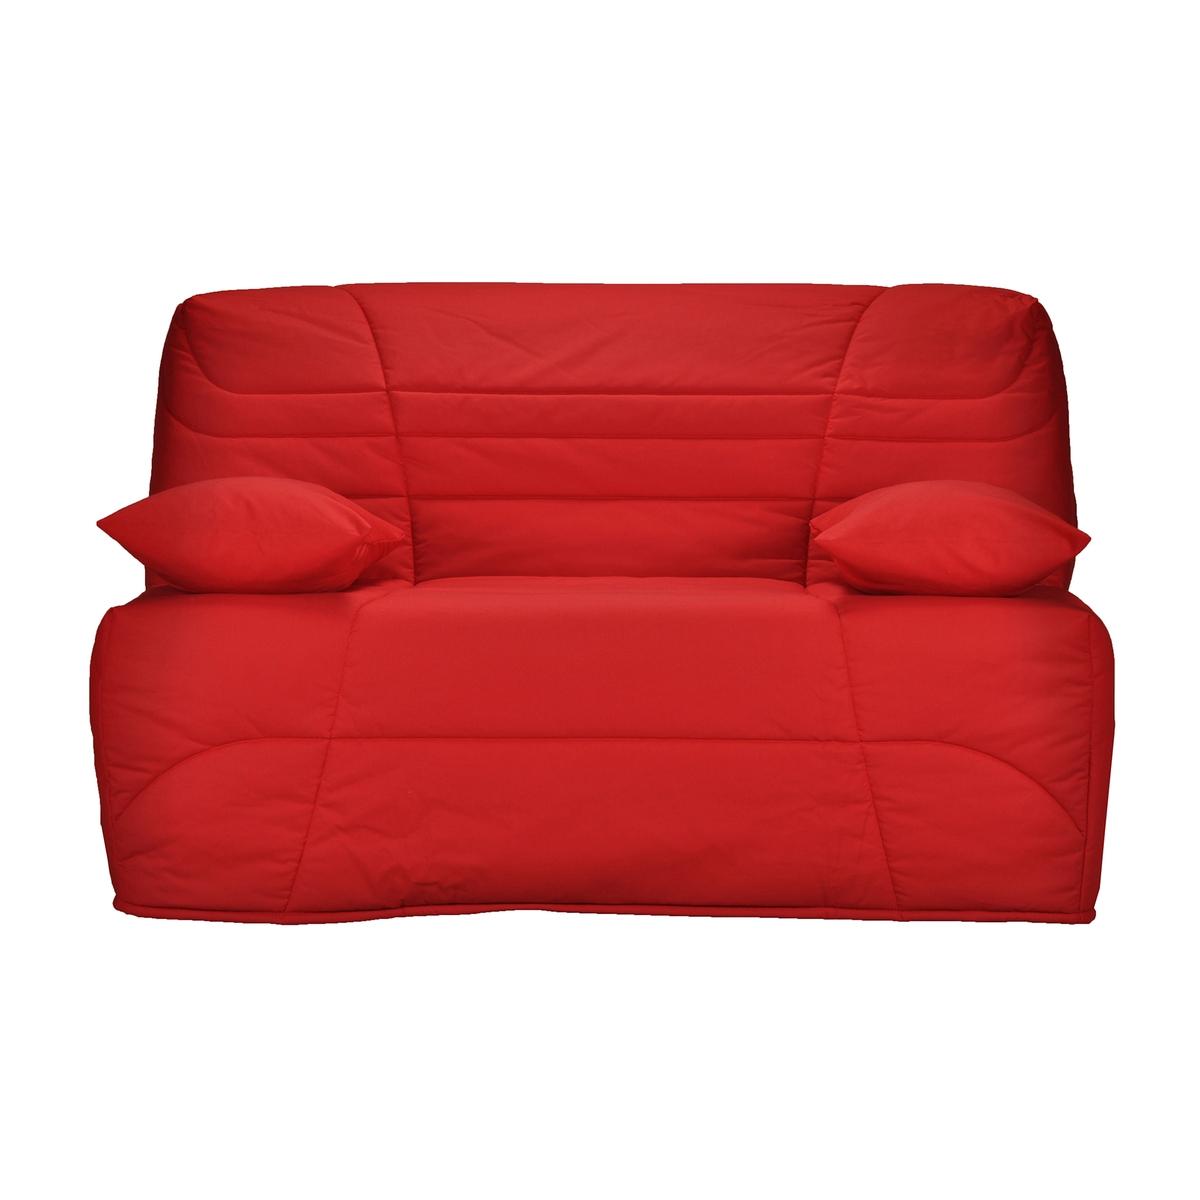 Чехол La Redoute Стеганый для дивана-книжки толщина см 90 x 190 см красный чехол стеганый для раскладного дивана scénario